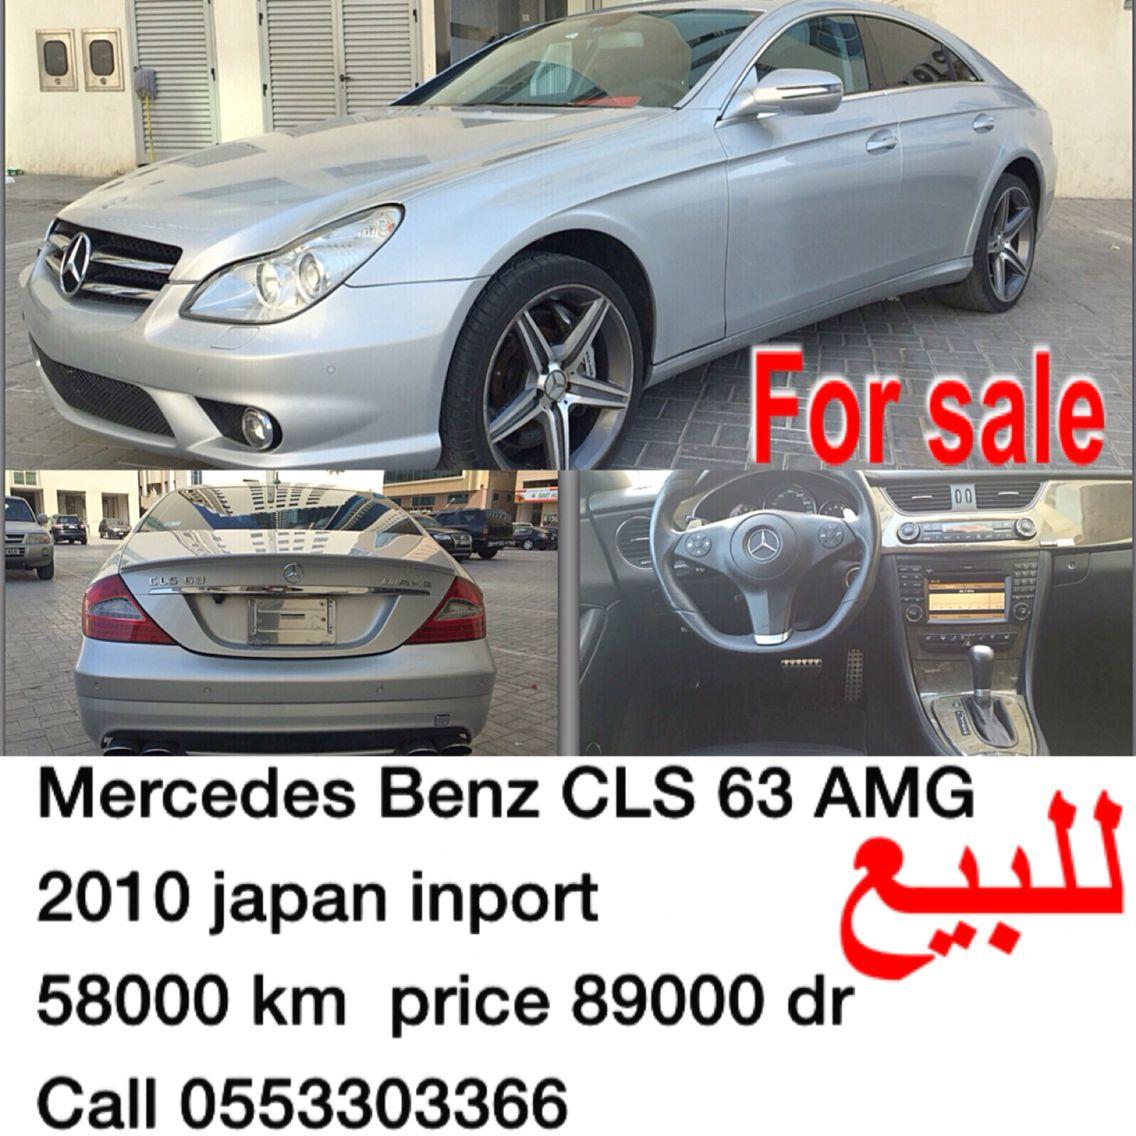 للبيع مرسيدس Mercedes Benz Cls 63 Amg 2010 Japan Inport 58000 Km Price 89000 Dr Call 0553303366 اعلان مدفوع بنز واتساب ا Mercedes Benz Cls Cls 63 Amg Benz